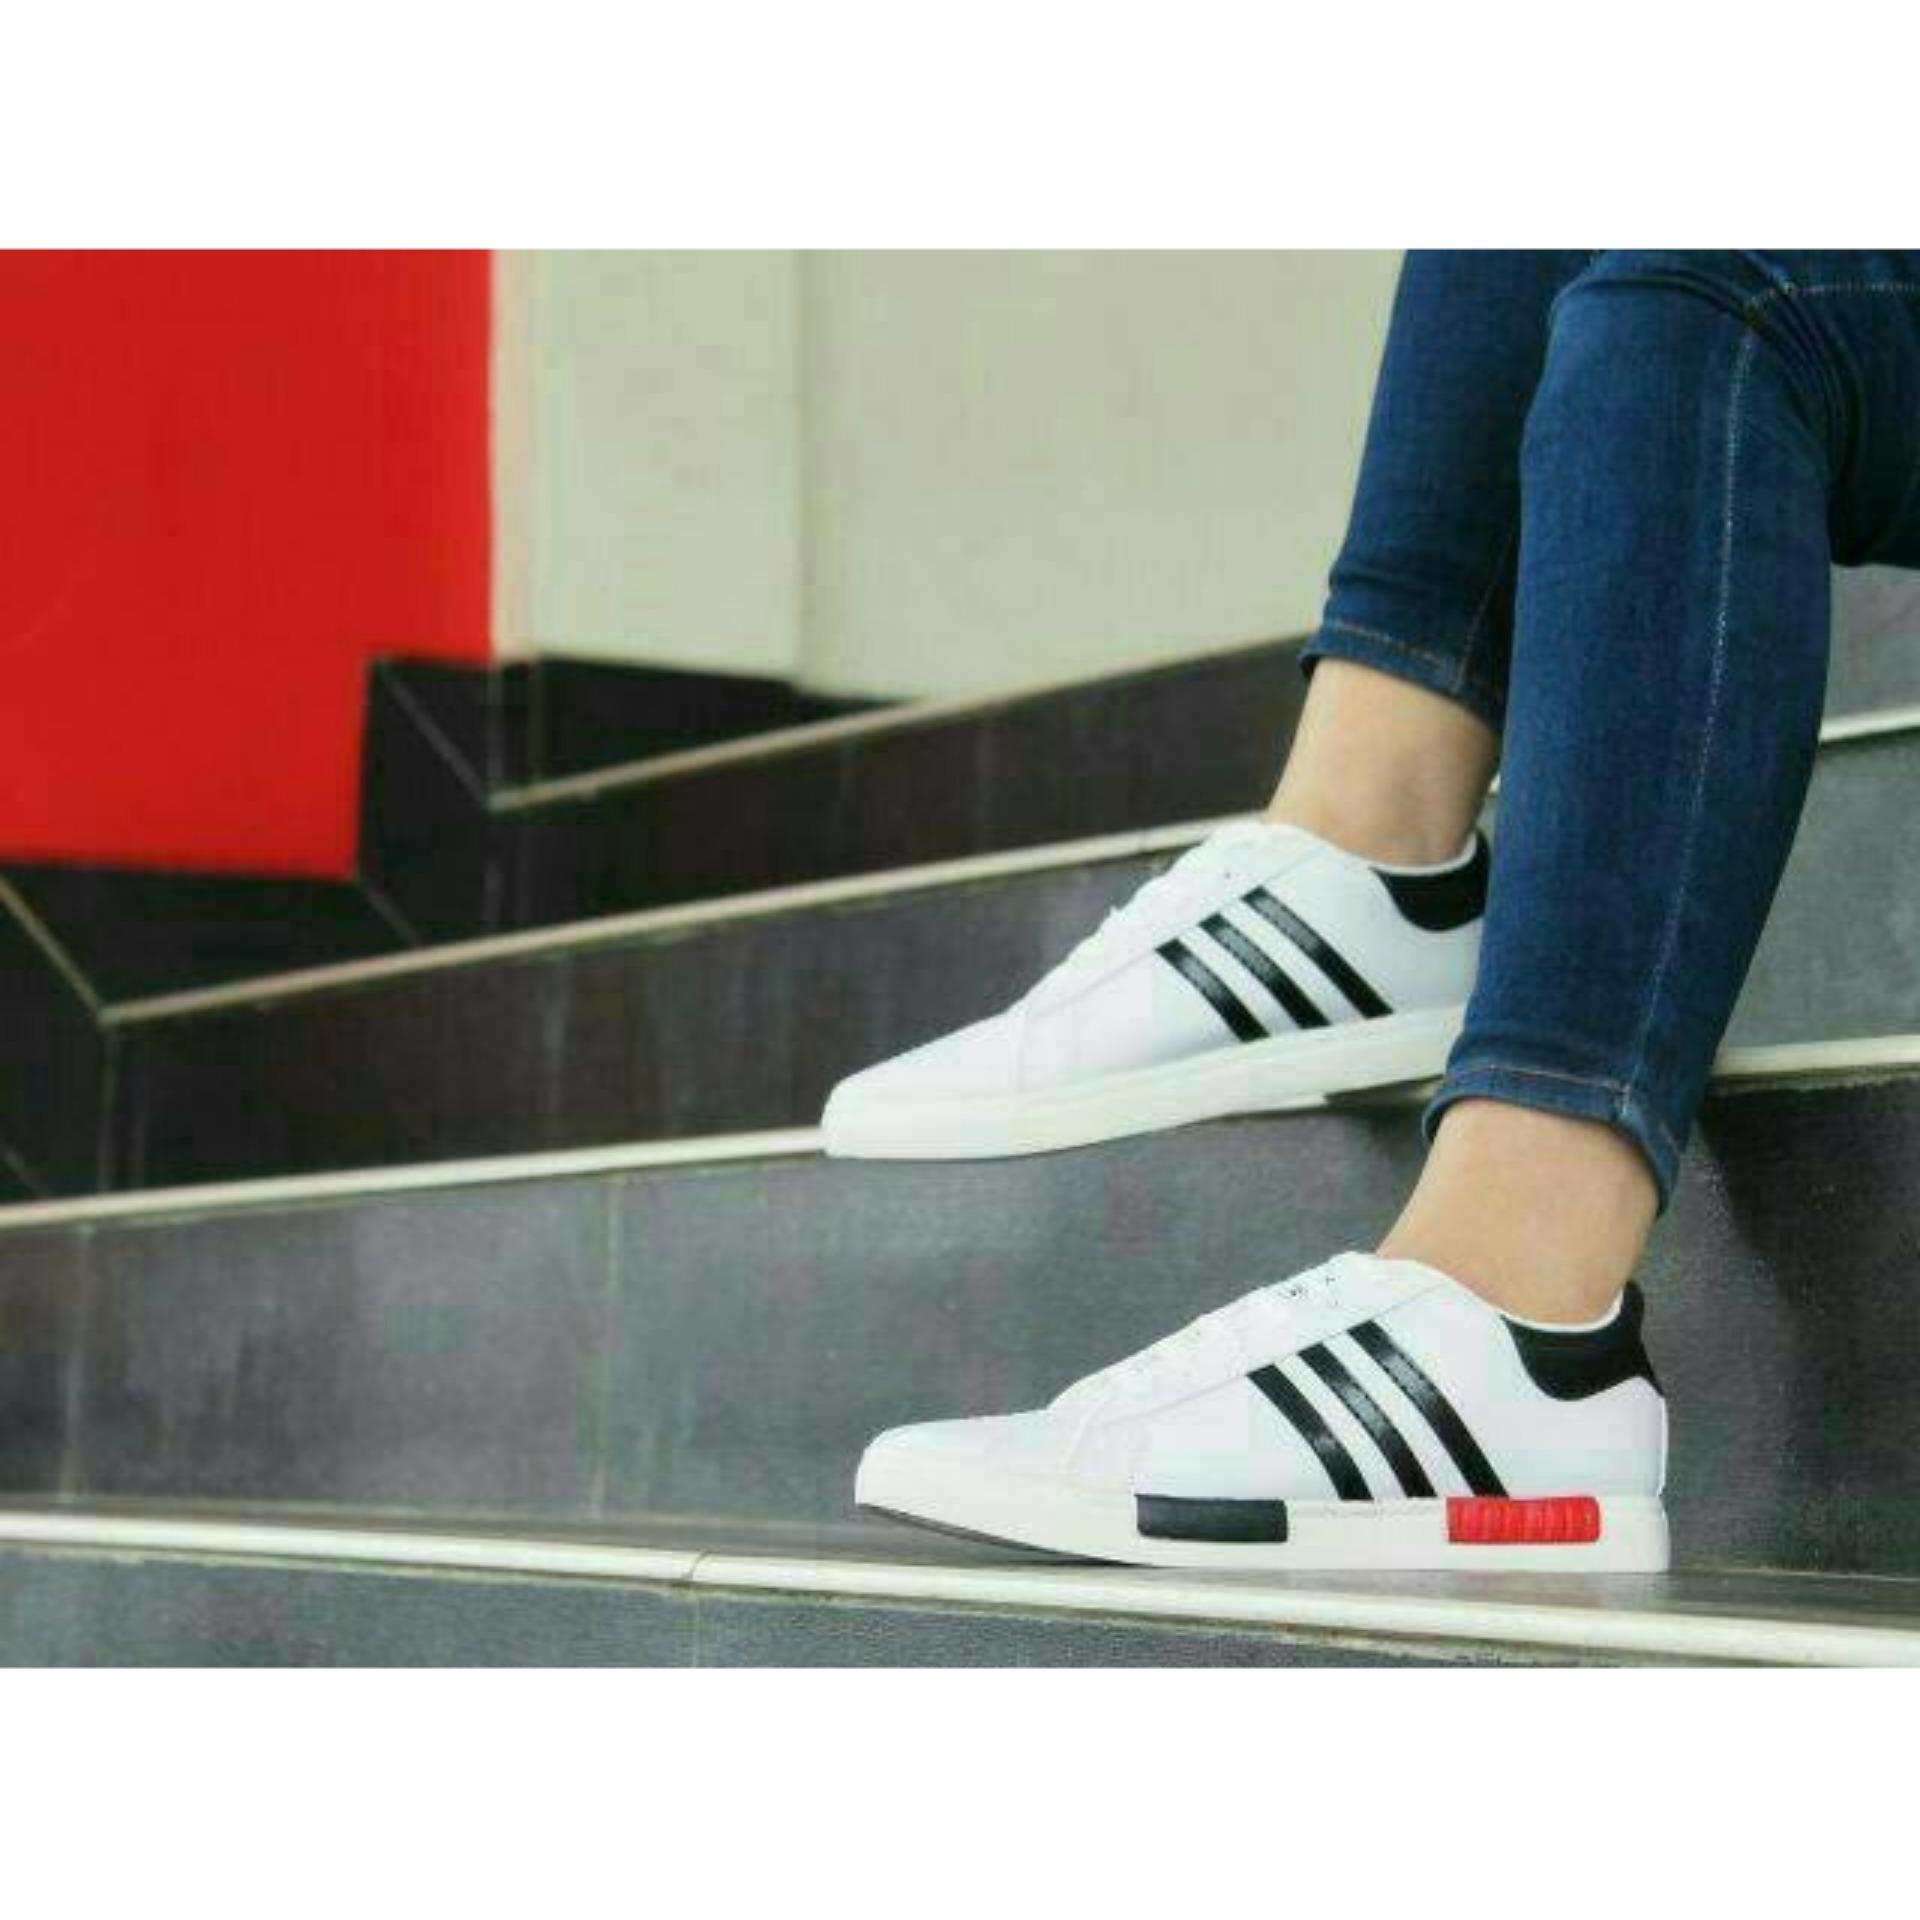 Kets Sneaker Pb 216 Sepatu Wanitapria Putih Sepatu Santai Sepatu ... eb991fd98c